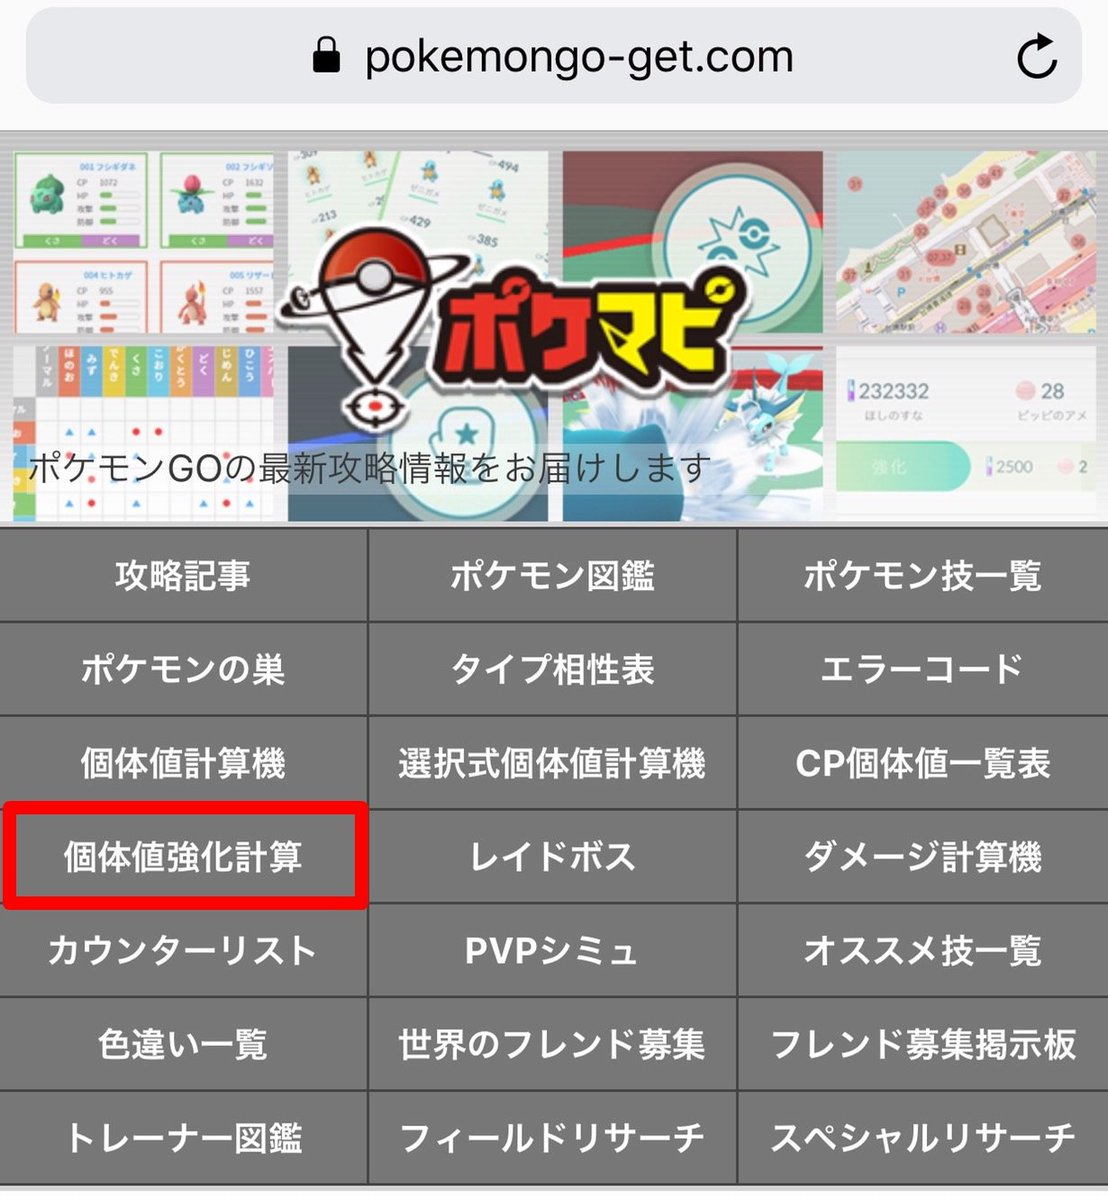 ポケモン go pvp 個体 値 ランキング